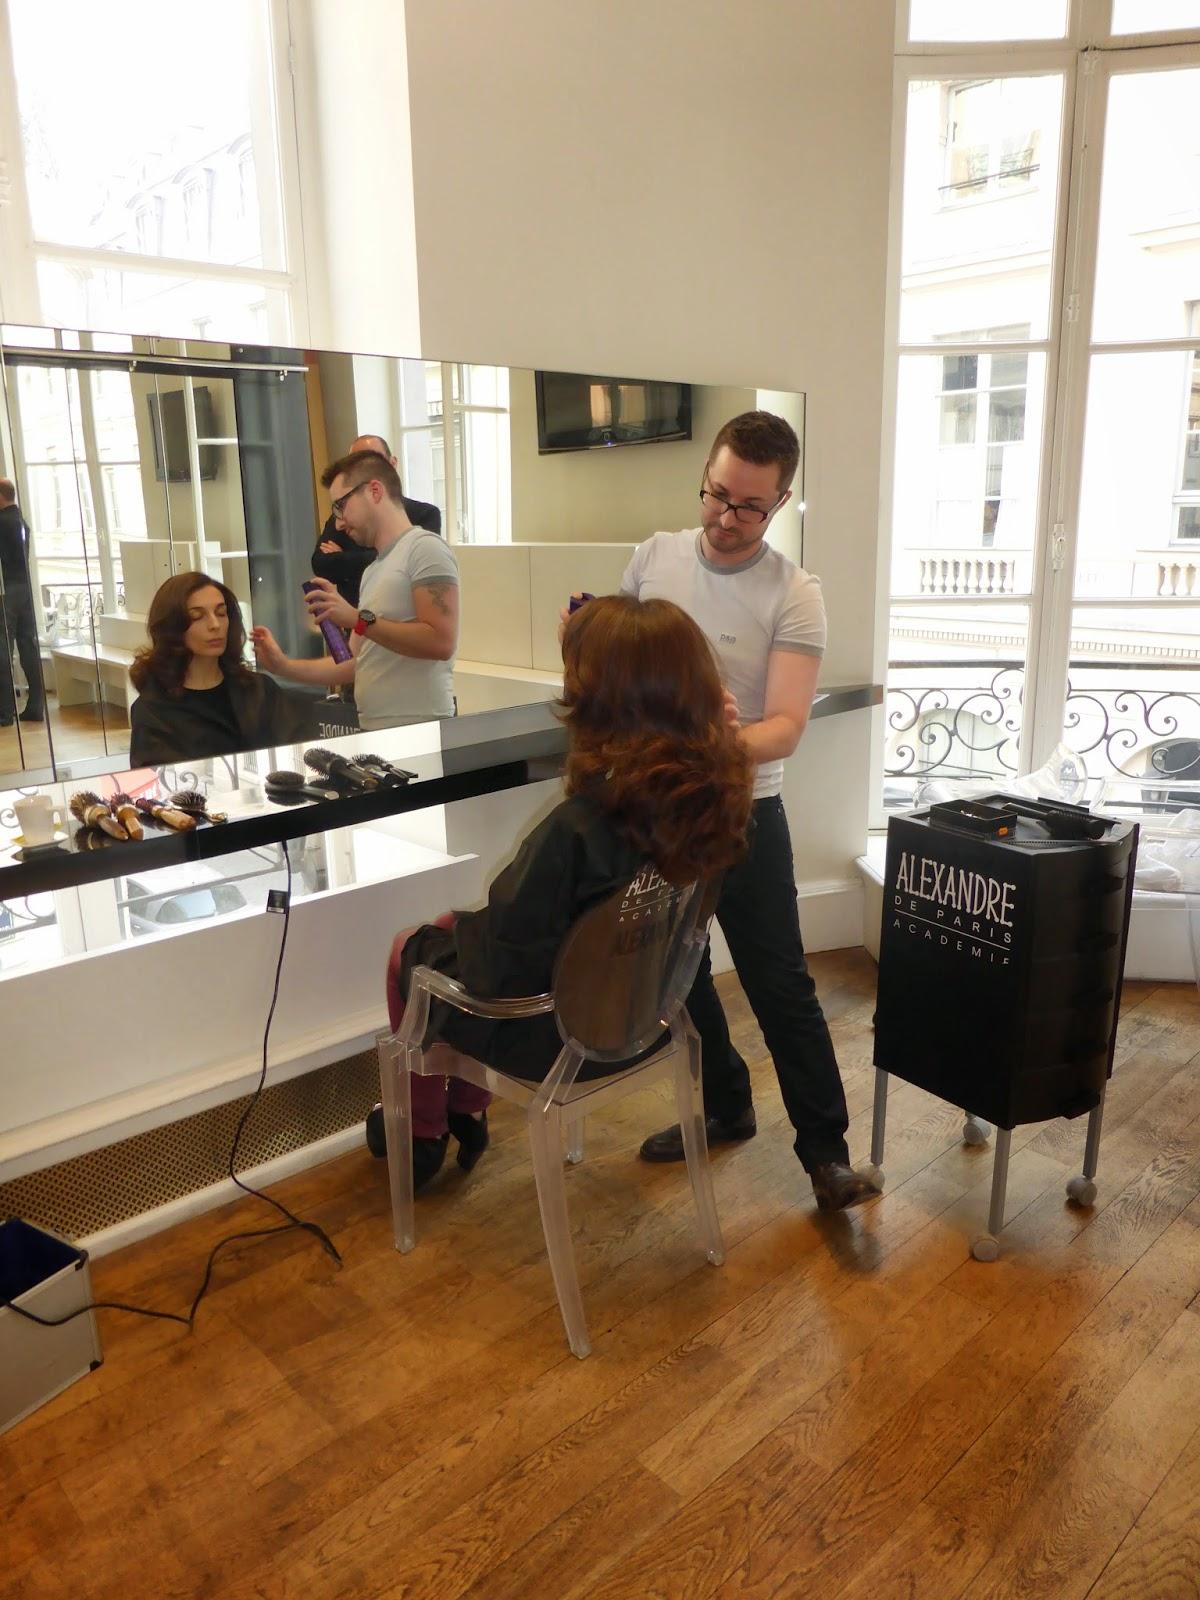 """Eddy, coiffeur visagiste du Studio 54 à Montpellier, en pleine action lors de sa formation à Paris, à l'Académie Alexandre de Paris, """"l'Excellence du Coiffage""""."""